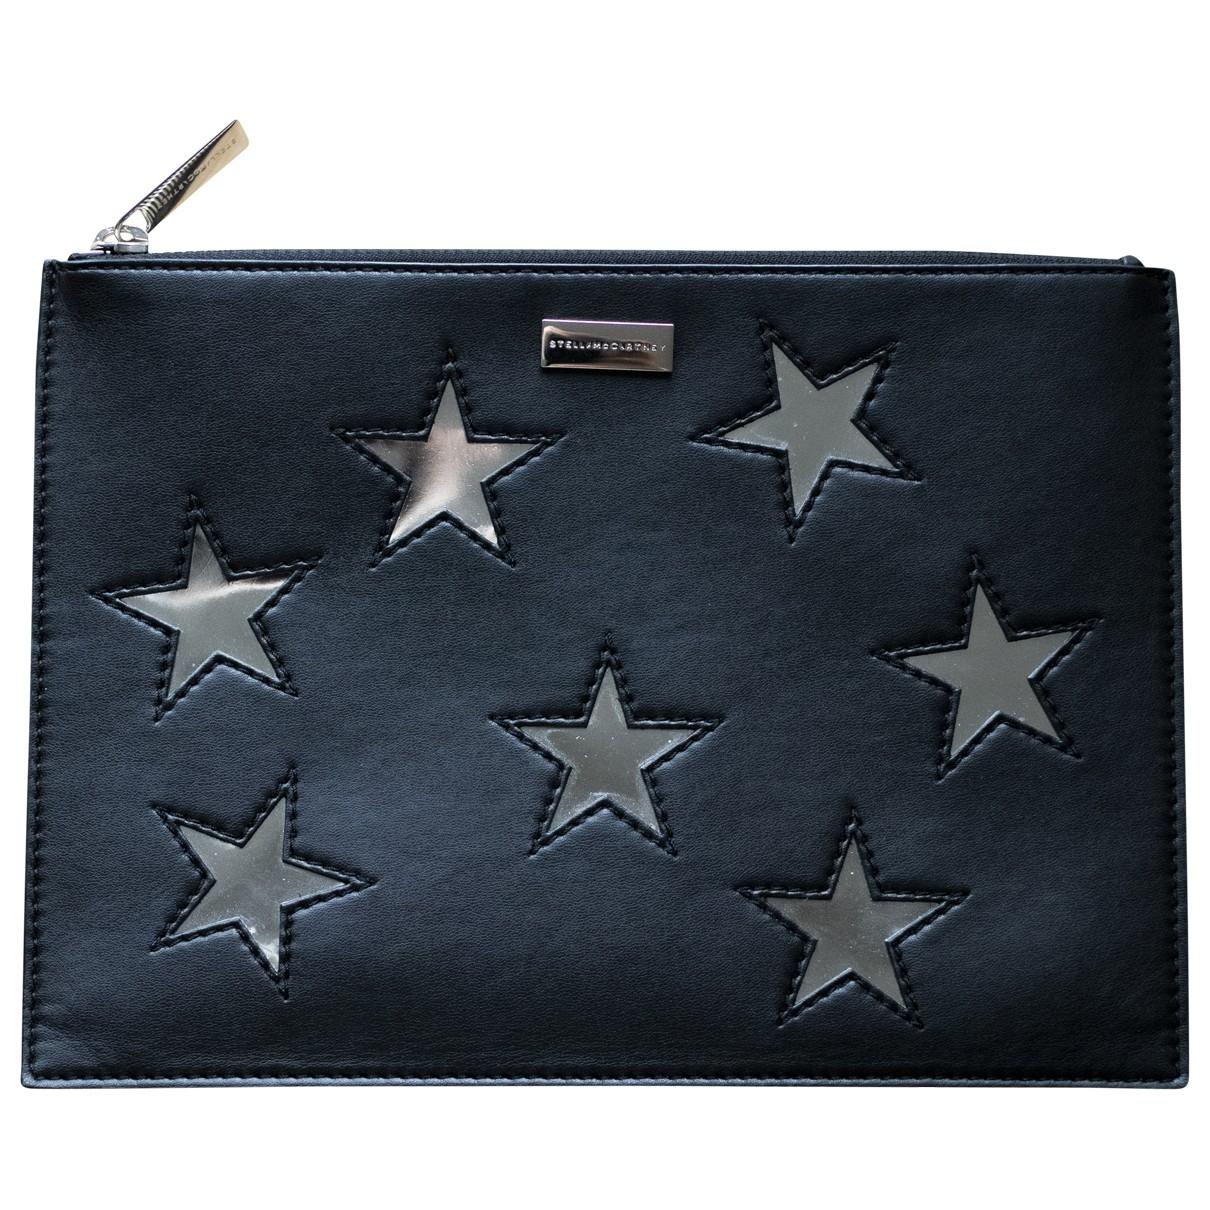 Stella Mccartney \N Black Clutch bag for Women \N